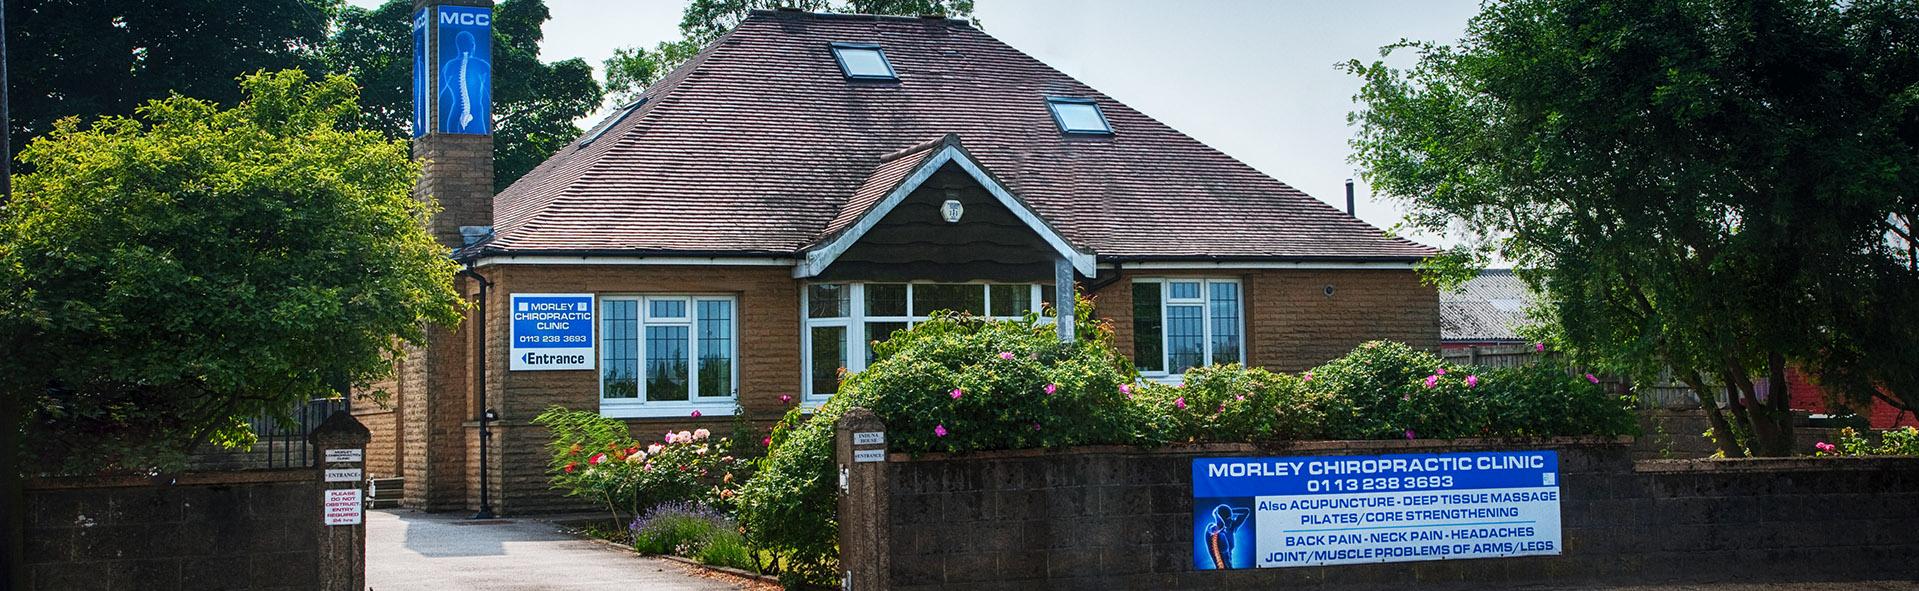 Morley Chiropractor Building Leeds